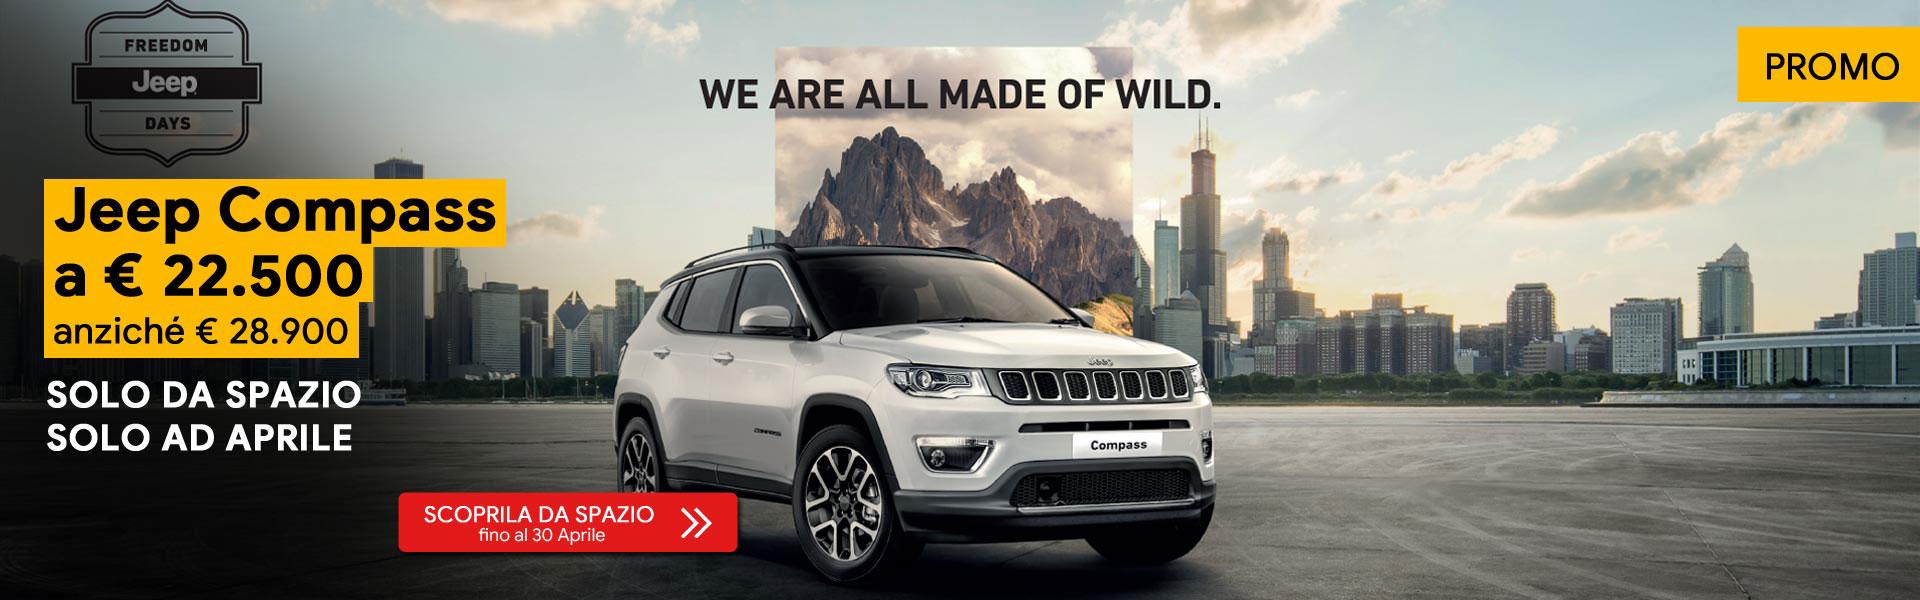 Jeep Compass Promo Aprile